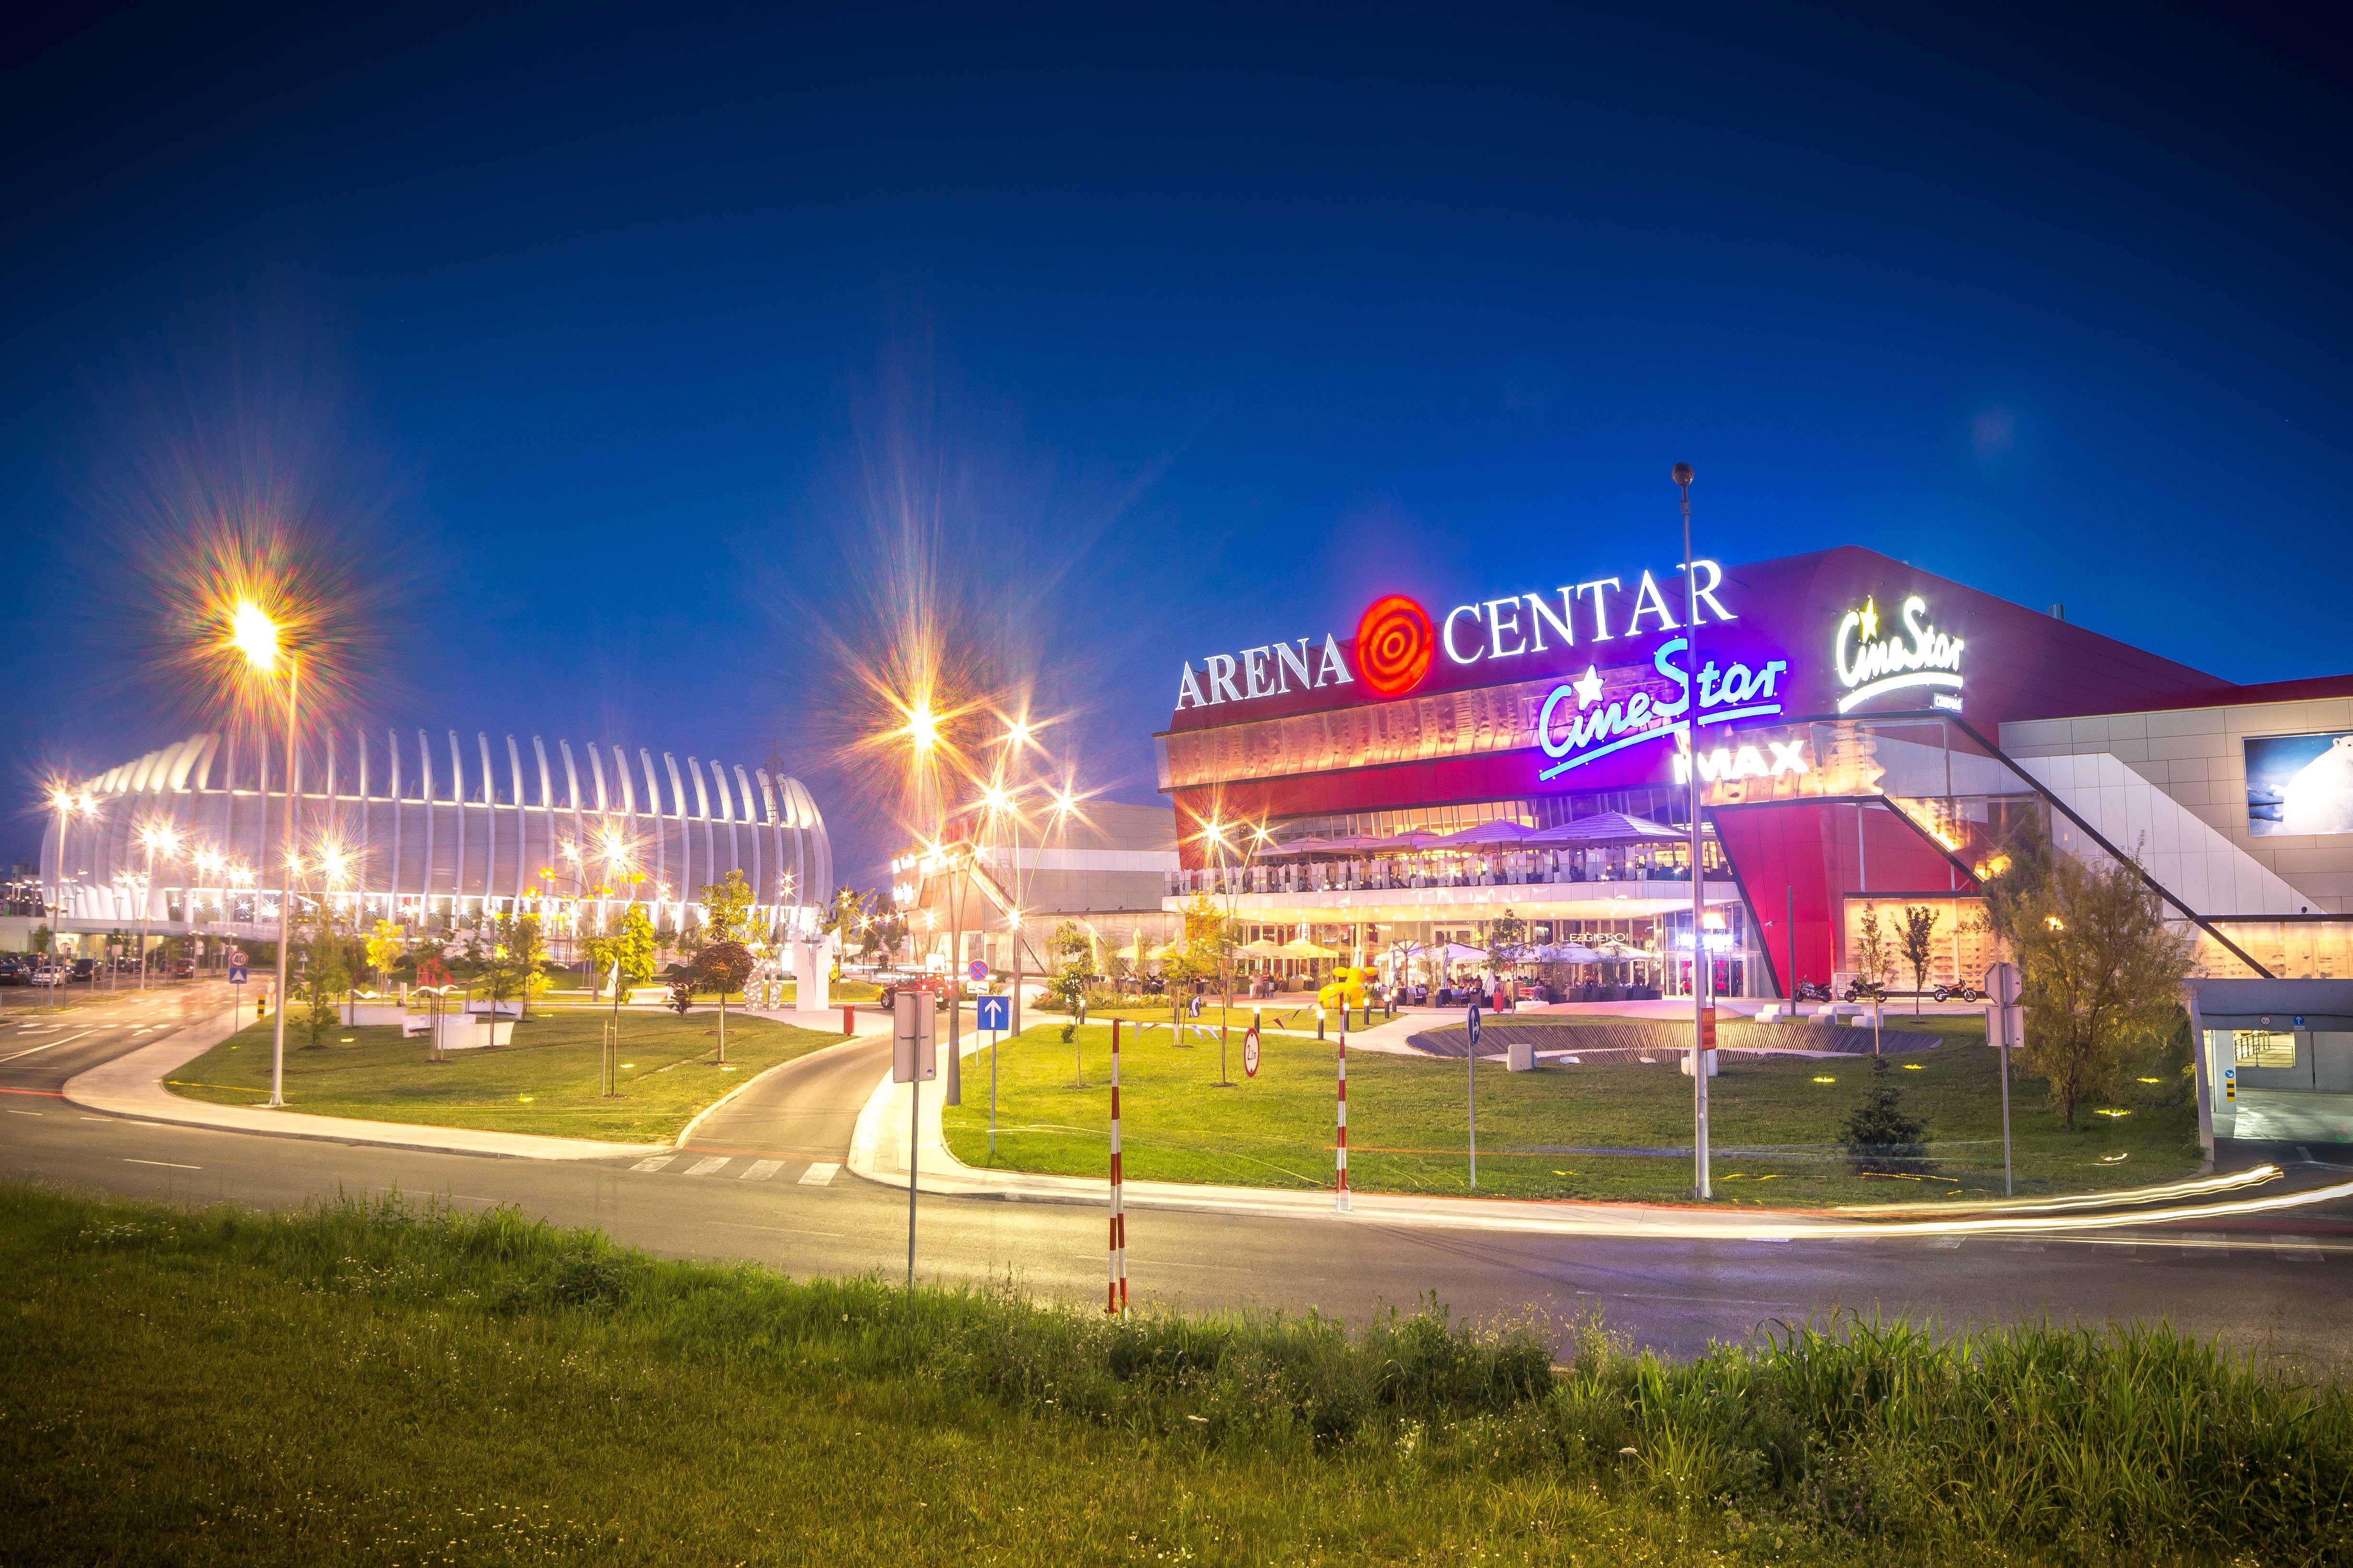 Arena Centar donirao UNICEF-u 600 tisuća kuna